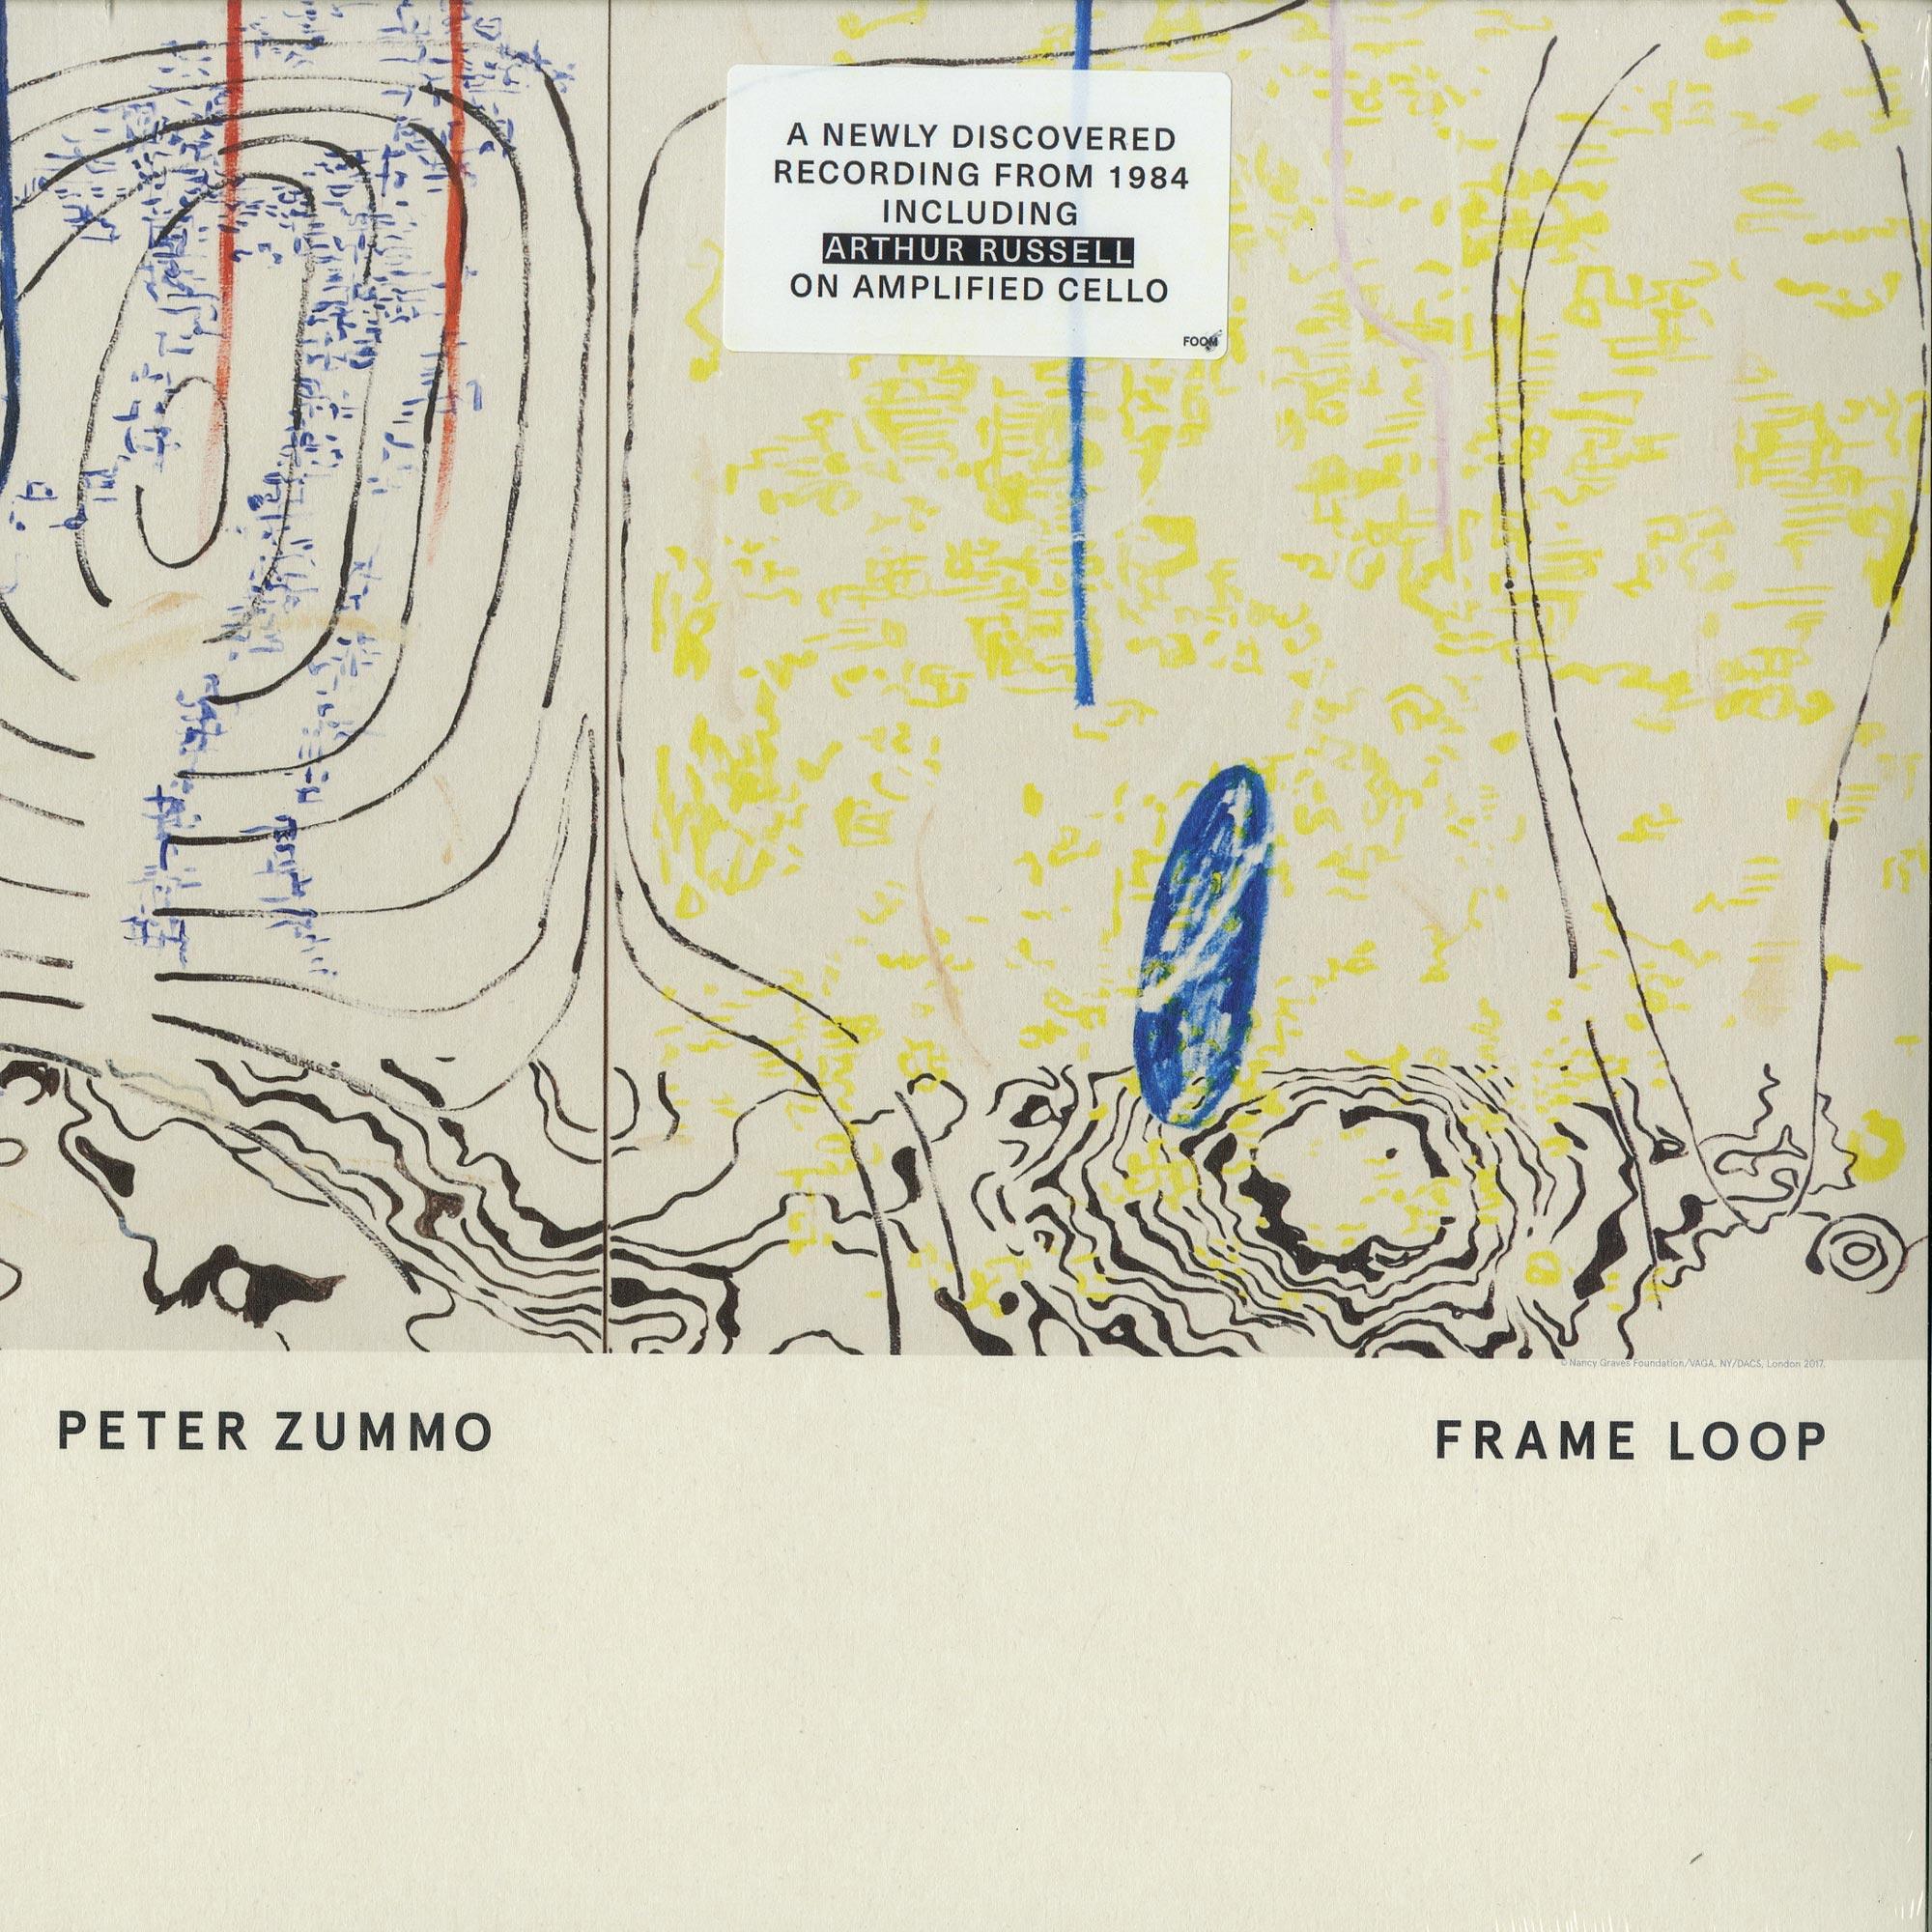 Peter Zummo - FRAME LOOP